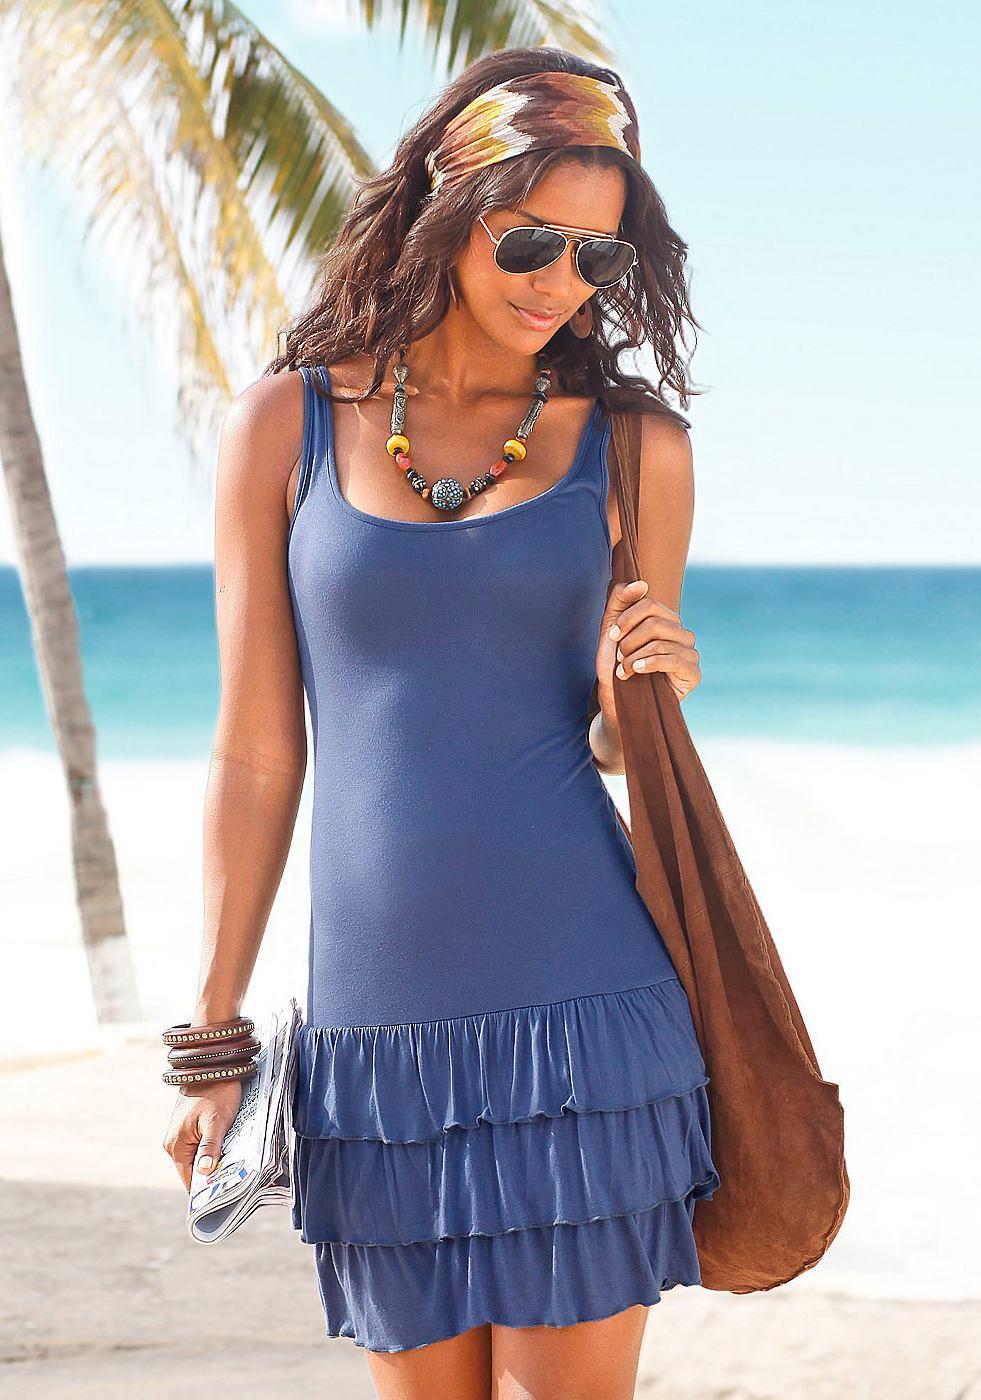 Beachtime Strandjurk met volants blauw